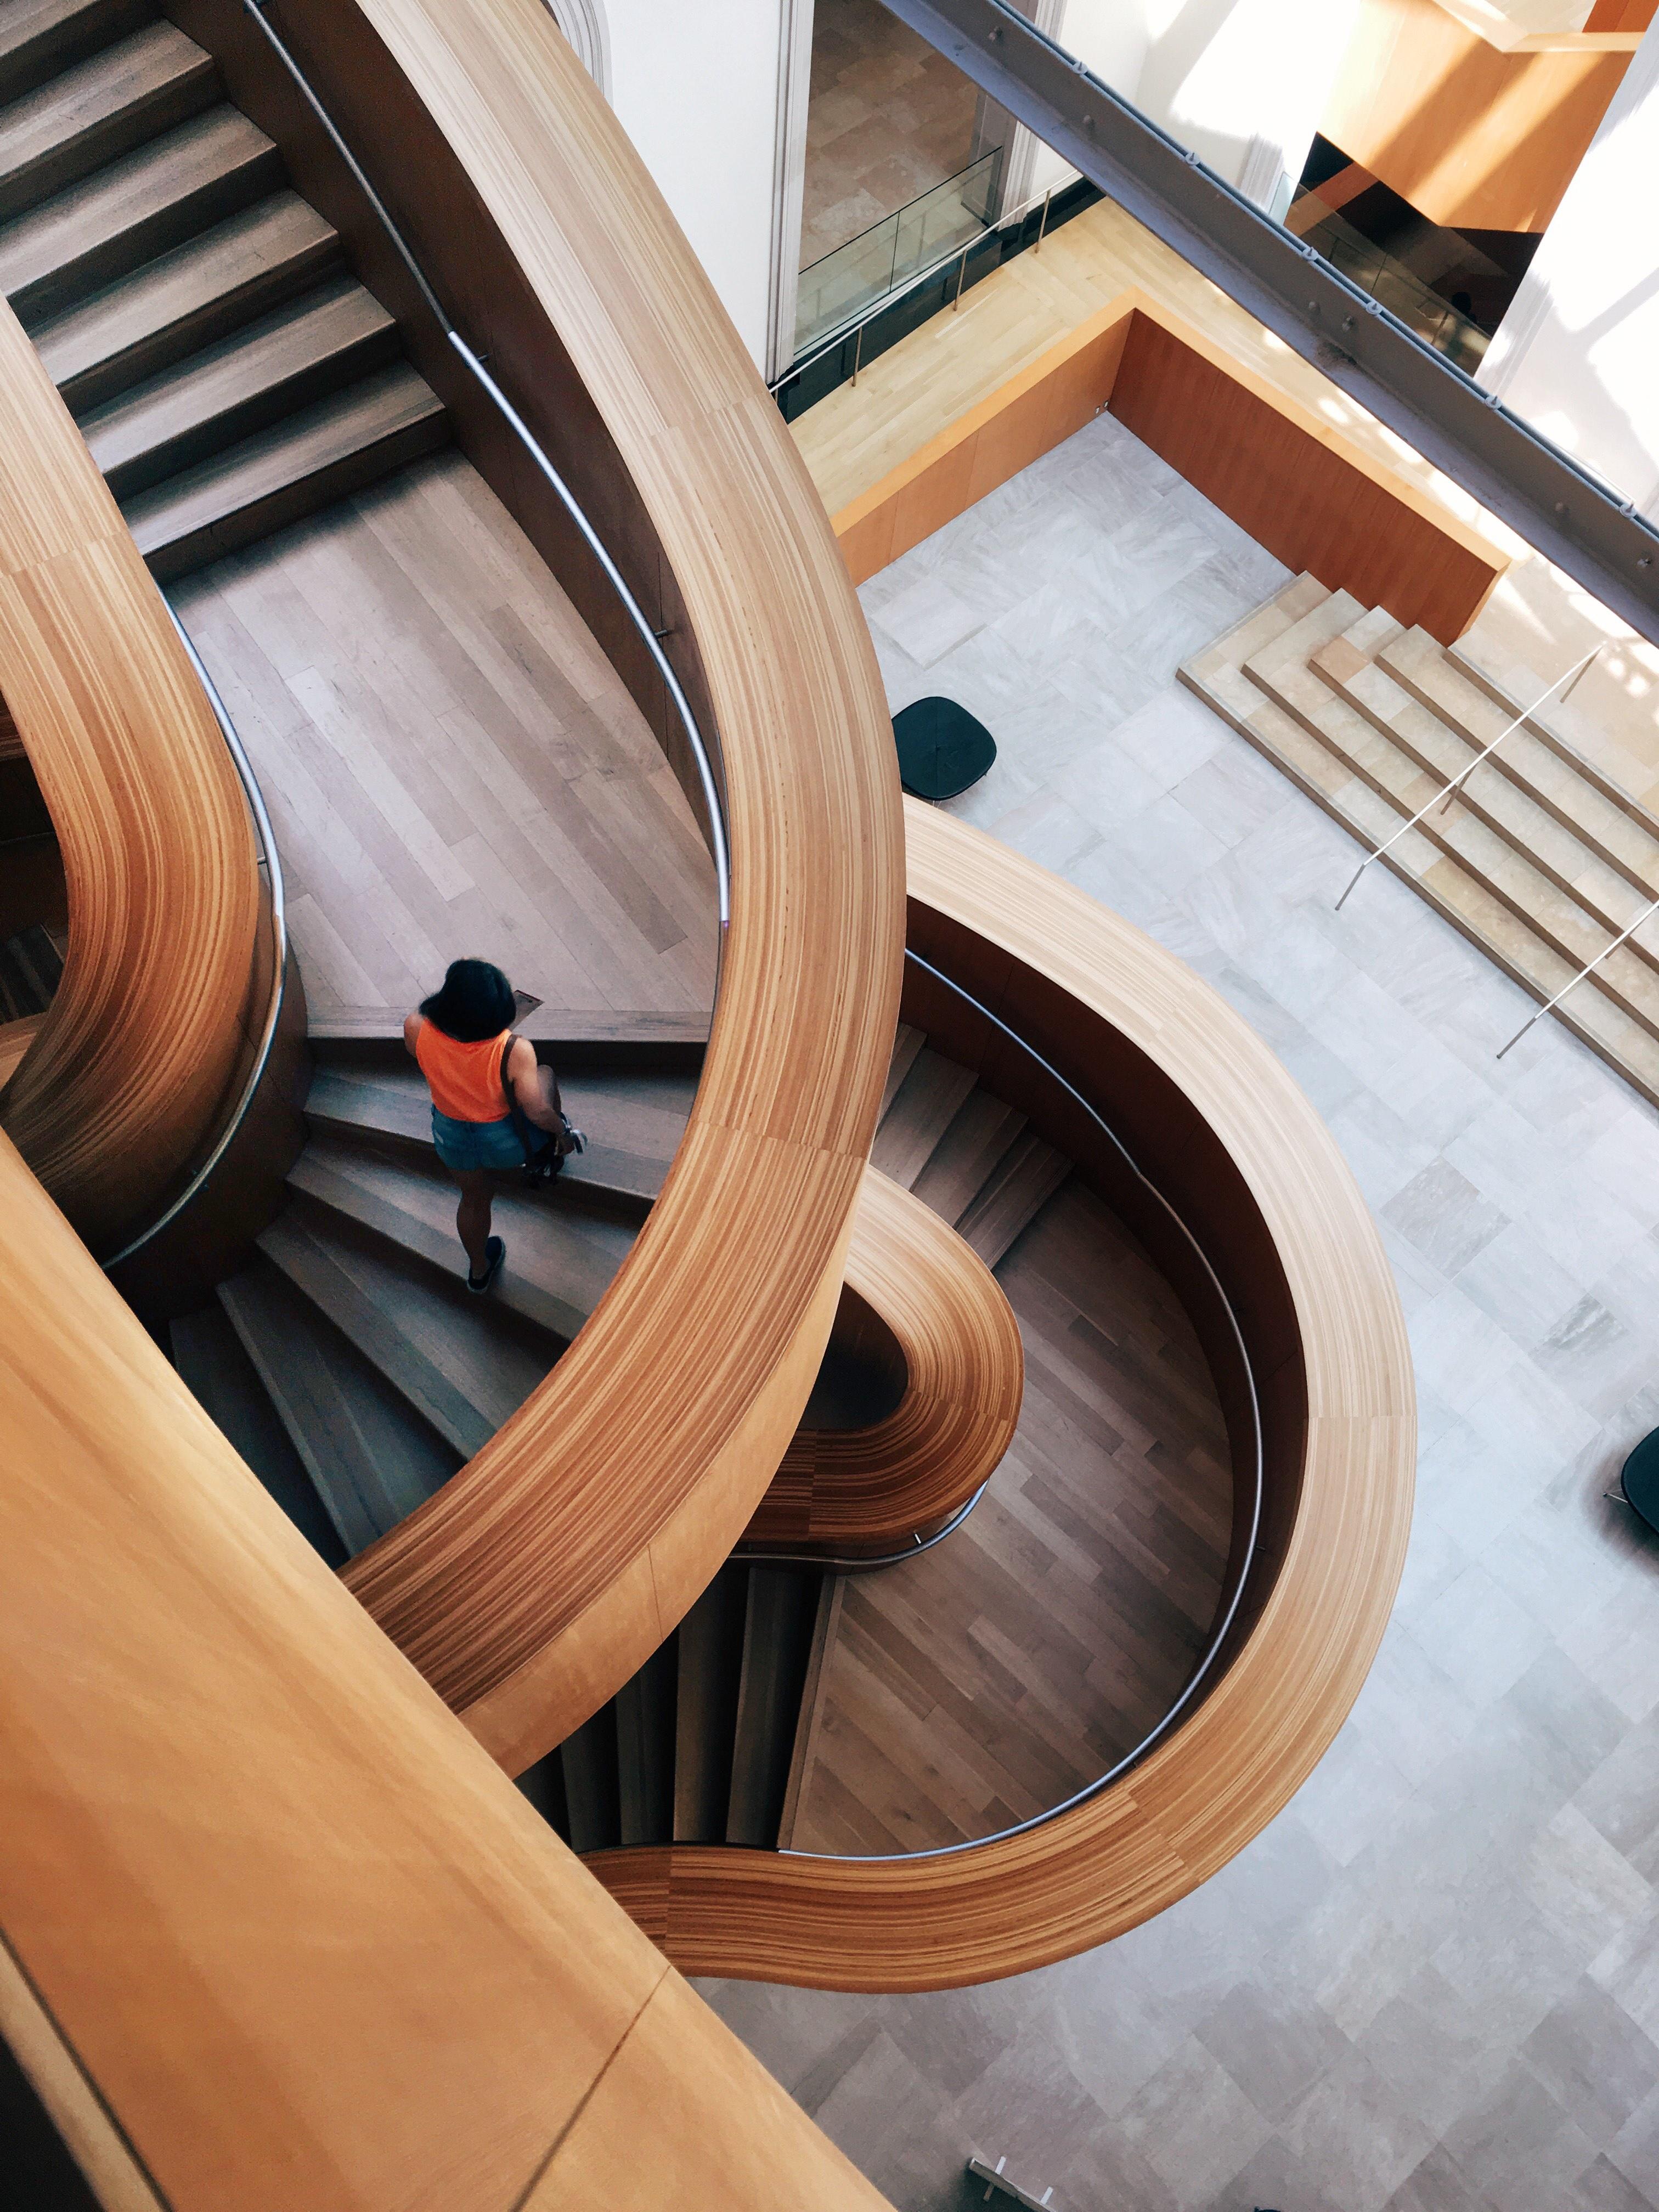 Gratis Afbeeldingen : tafel, persoon, architectuur, hout, boot, wiel ...